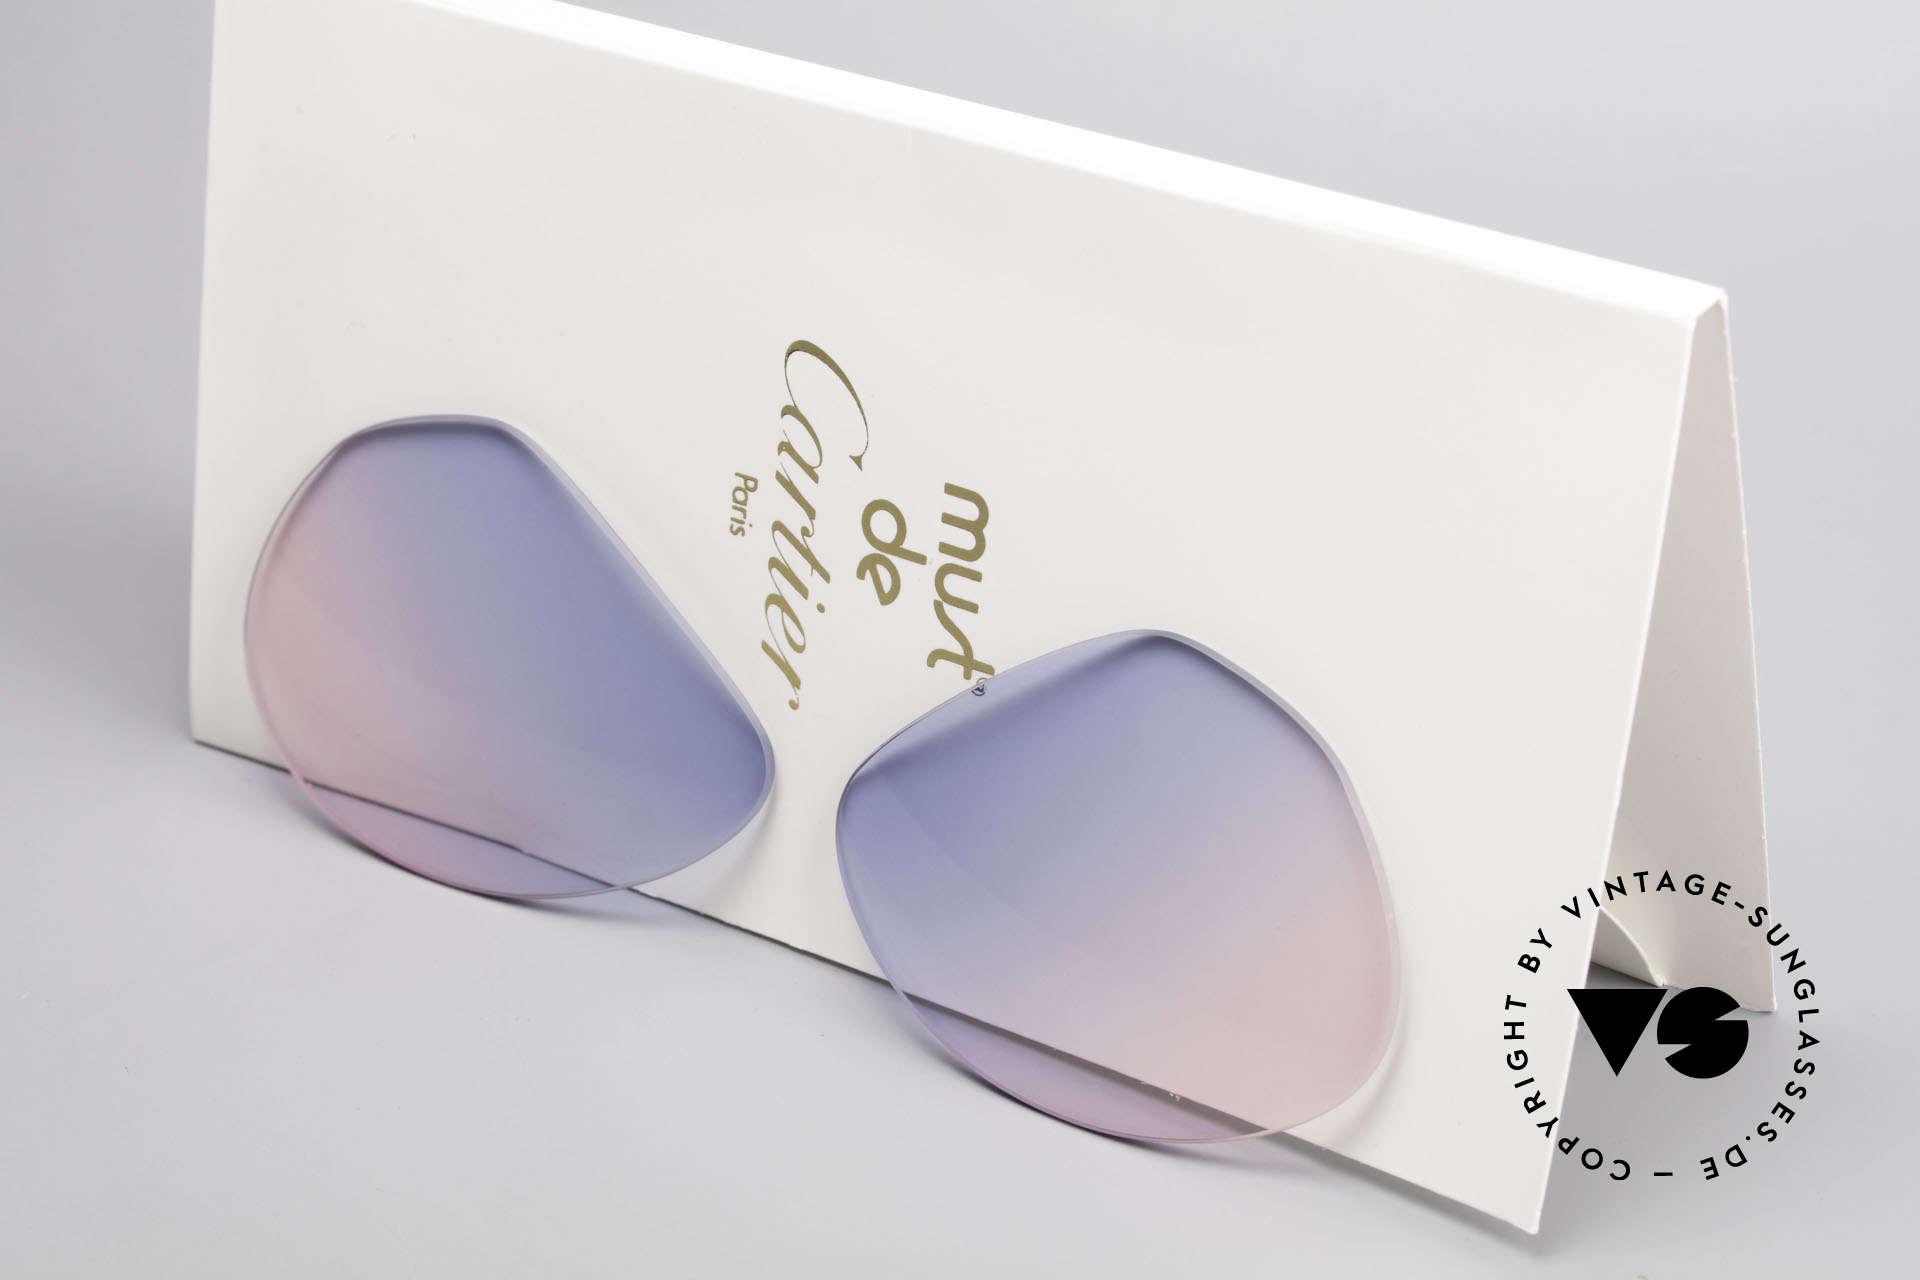 Cartier Vendome Lenses - M Sonnenglas Blau Pink Verlauf, neue CR39 UV400 Kunststoff-Gläser (100% UV Schutz), Passend für Herren